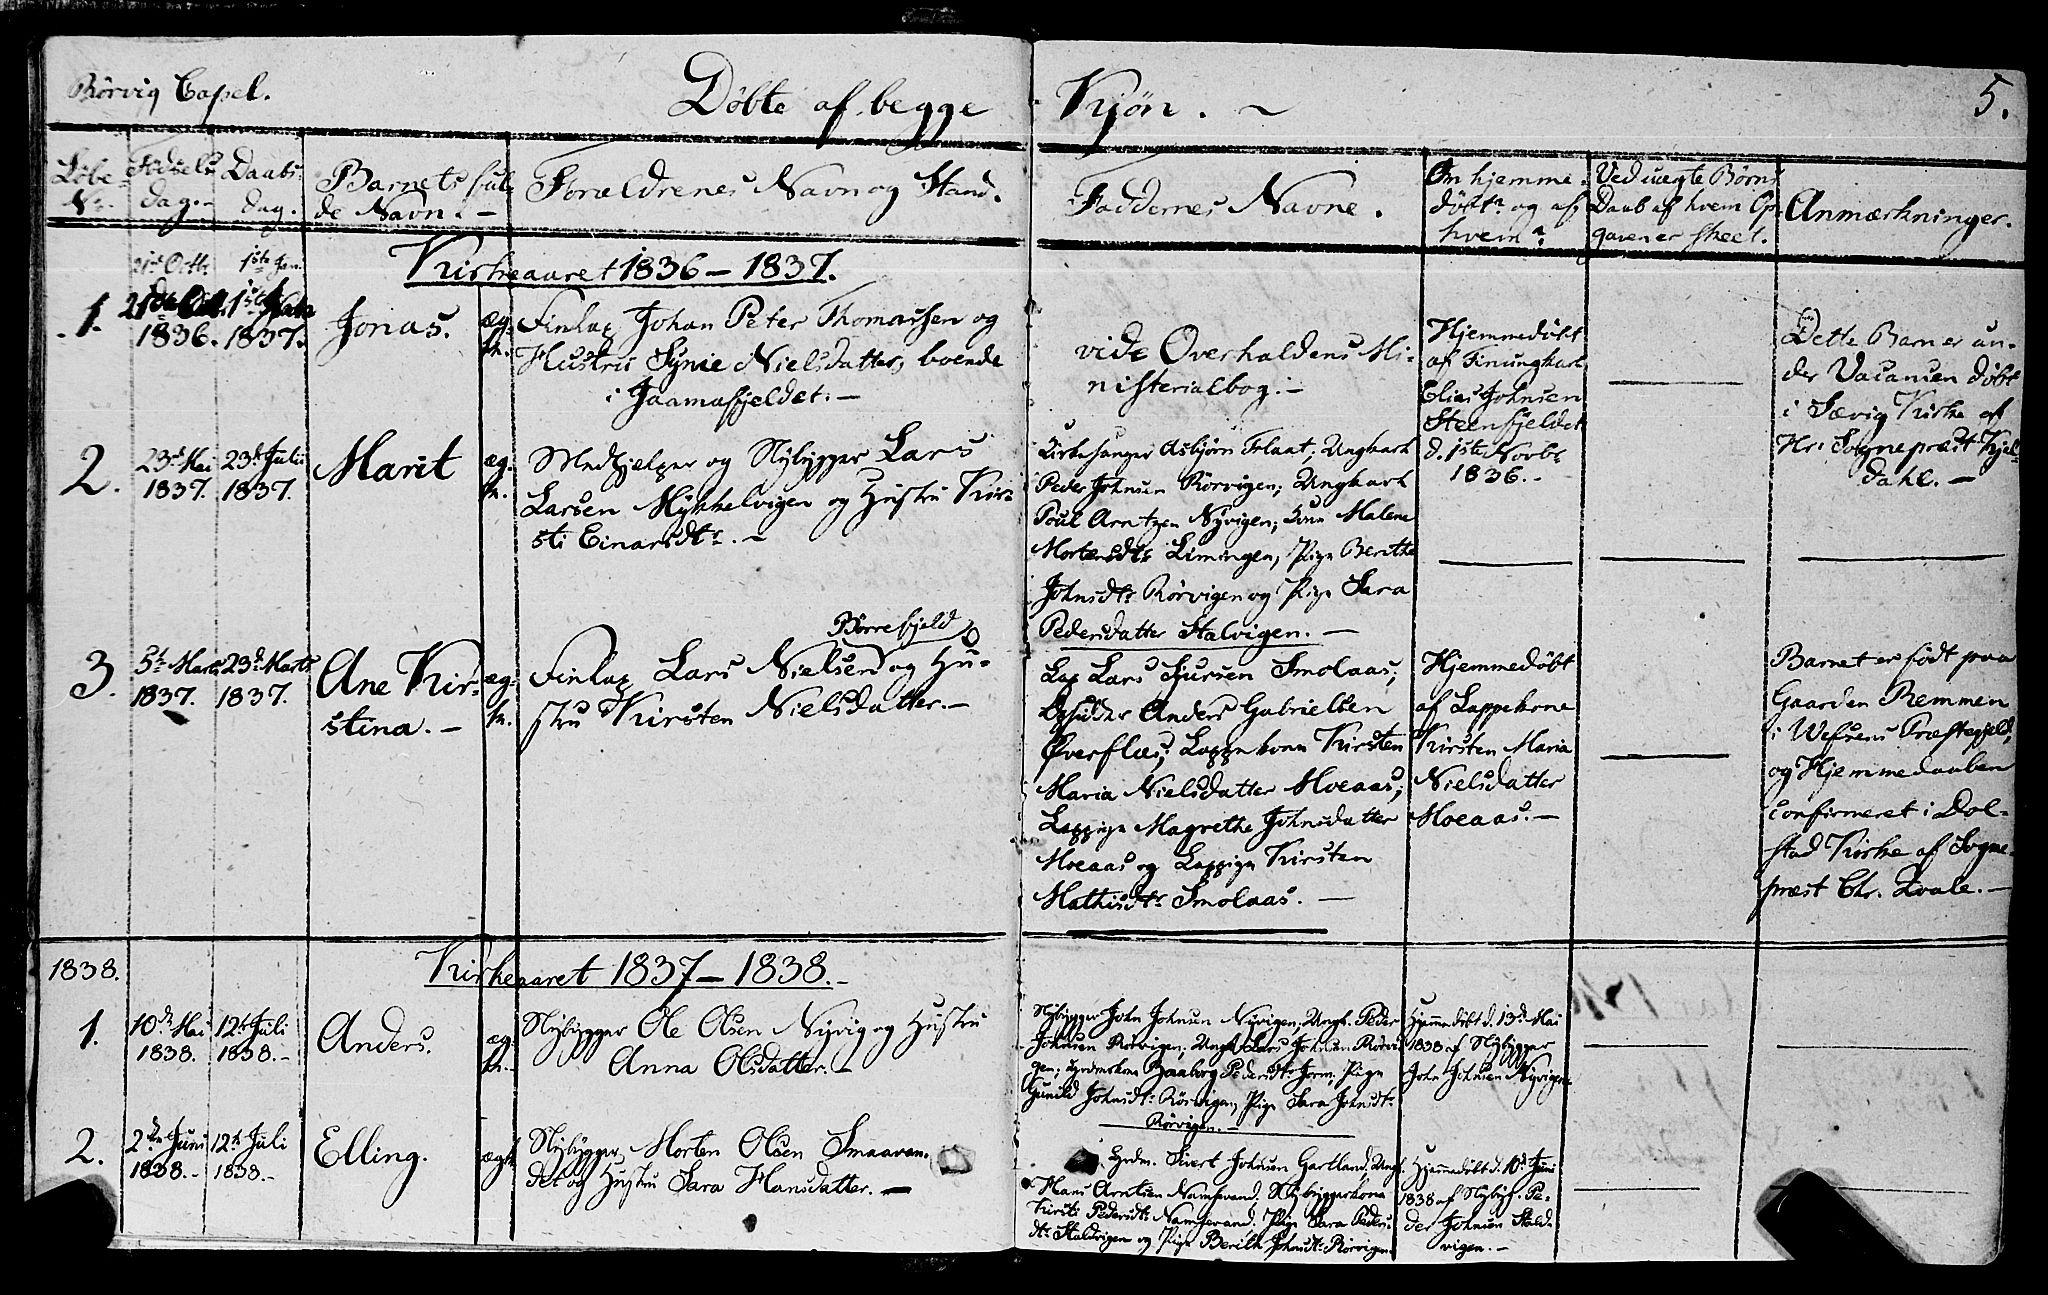 SAT, Ministerialprotokoller, klokkerbøker og fødselsregistre - Nord-Trøndelag, 762/L0538: Ministerialbok nr. 762A02 /1, 1833-1879, s. 5